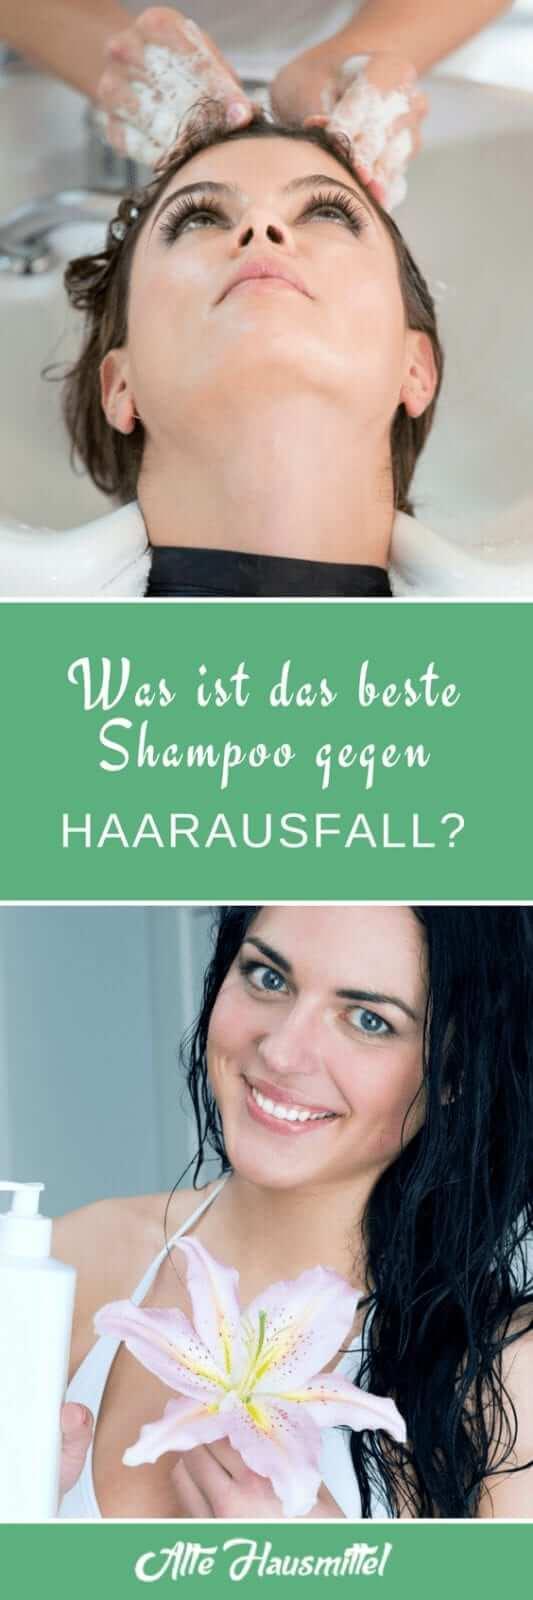 Das beste Shampoo gegen Haarausfall im Test & Vergleich